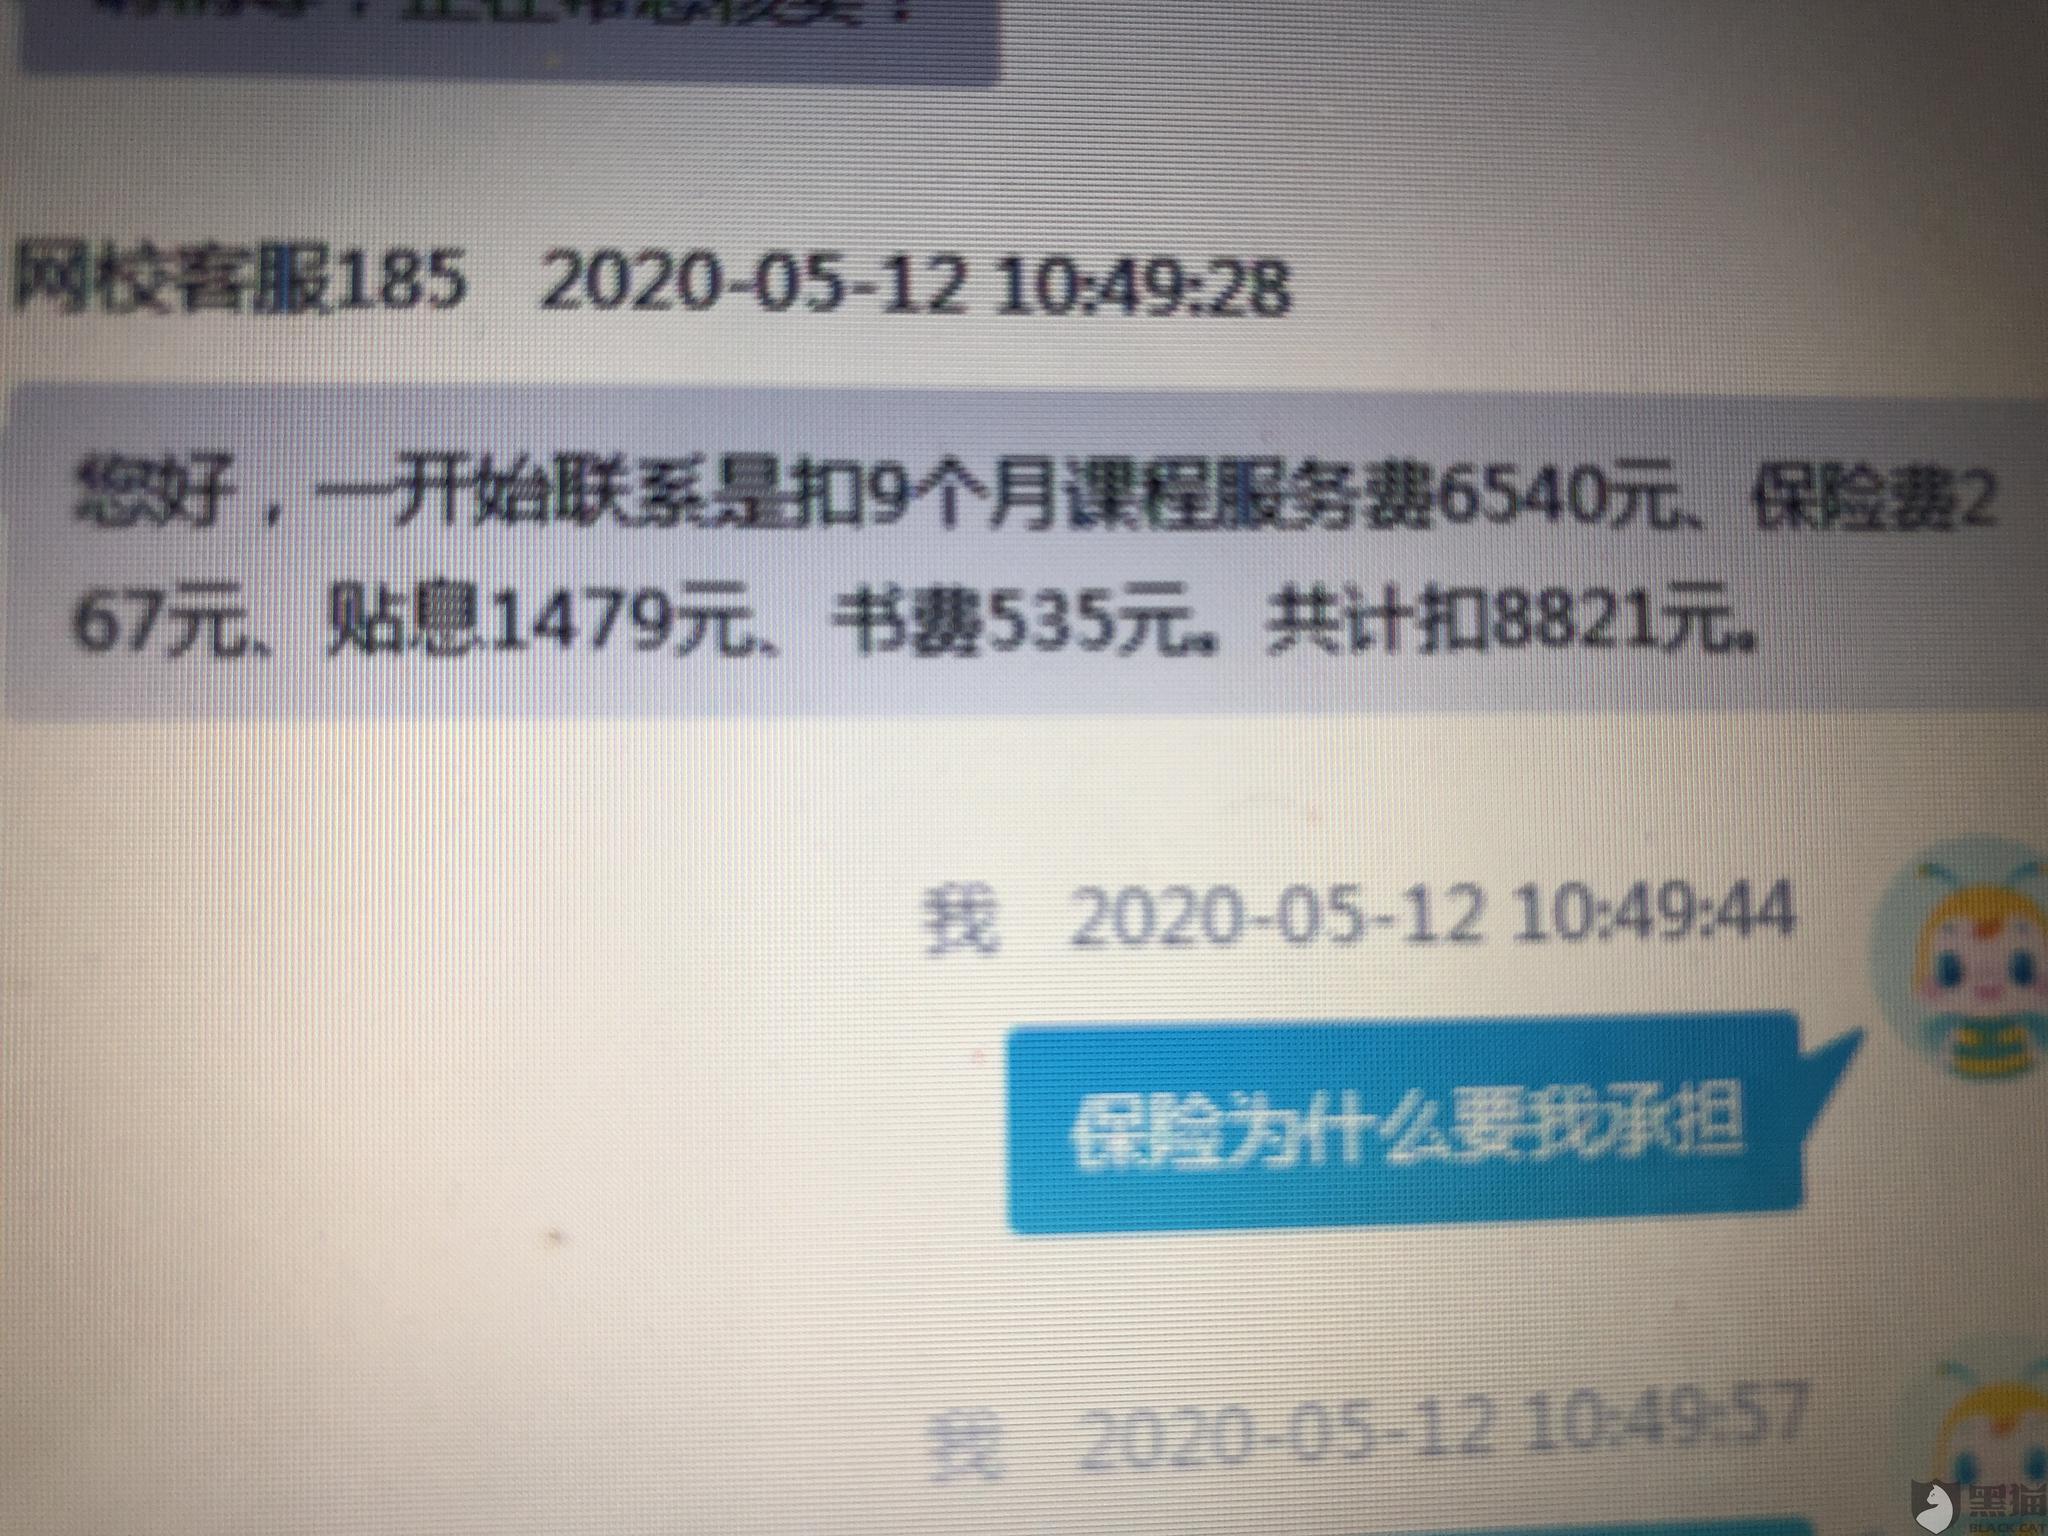 黑猫投诉:中华会计网校注会VIP班欺诈消费者